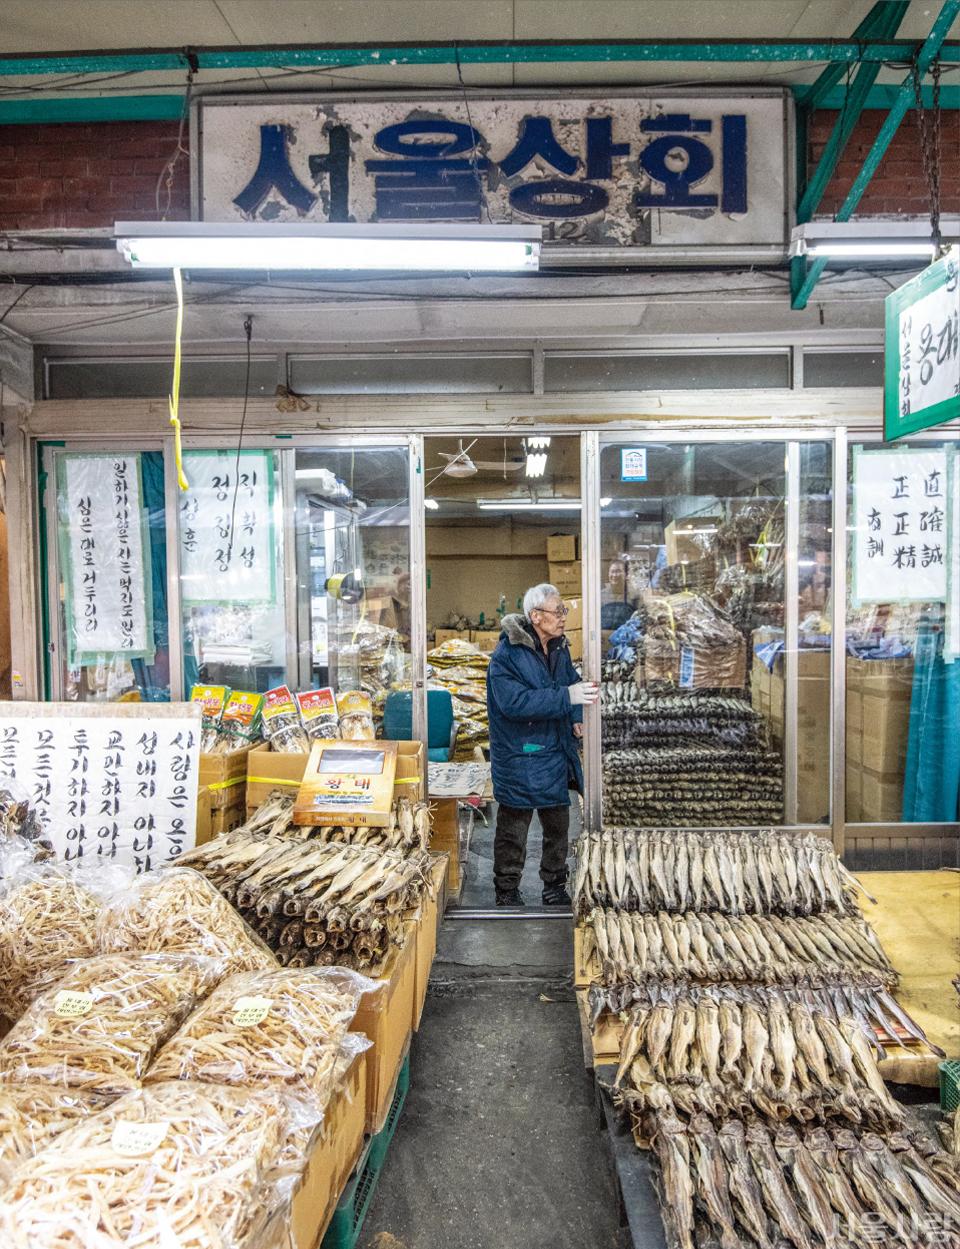 서울에서 가장 큰 건어물 시장인 중부시장의 황태 가게